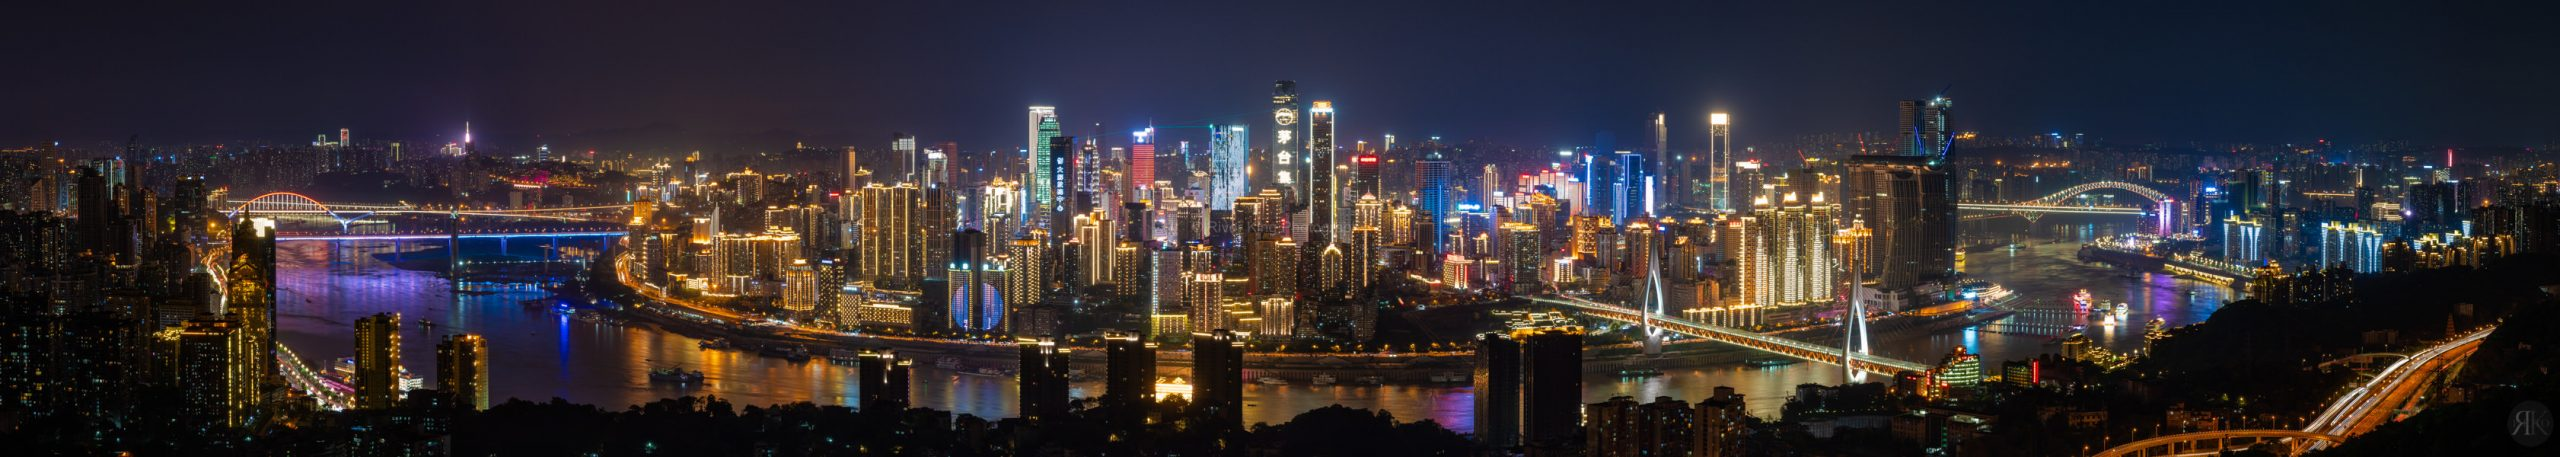 Chongqing, China 1